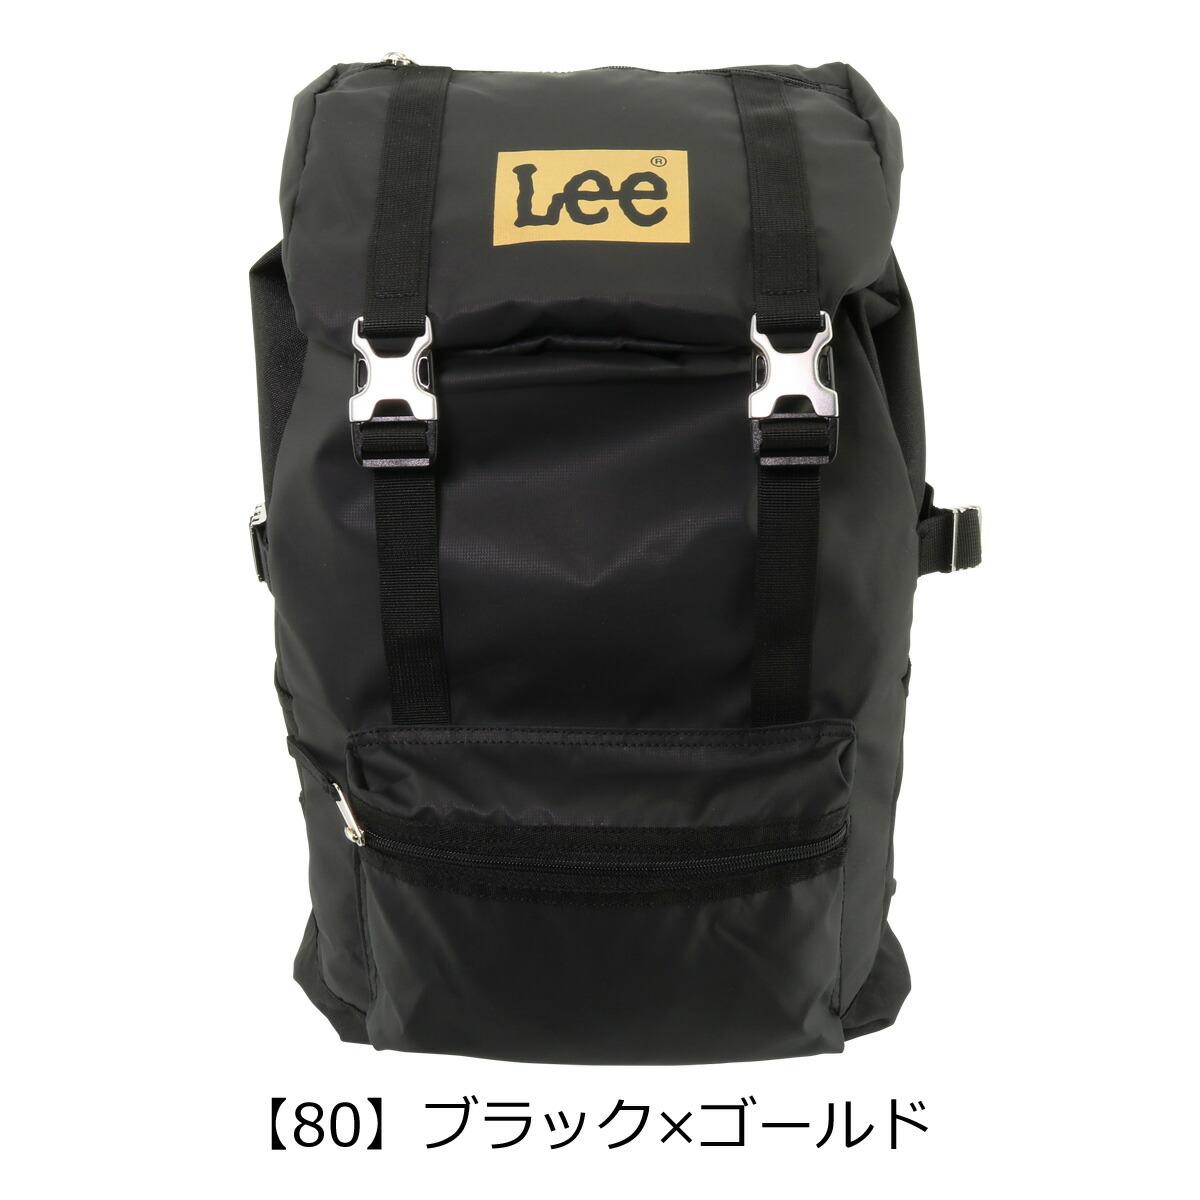 【80】ブラック/ゴールド